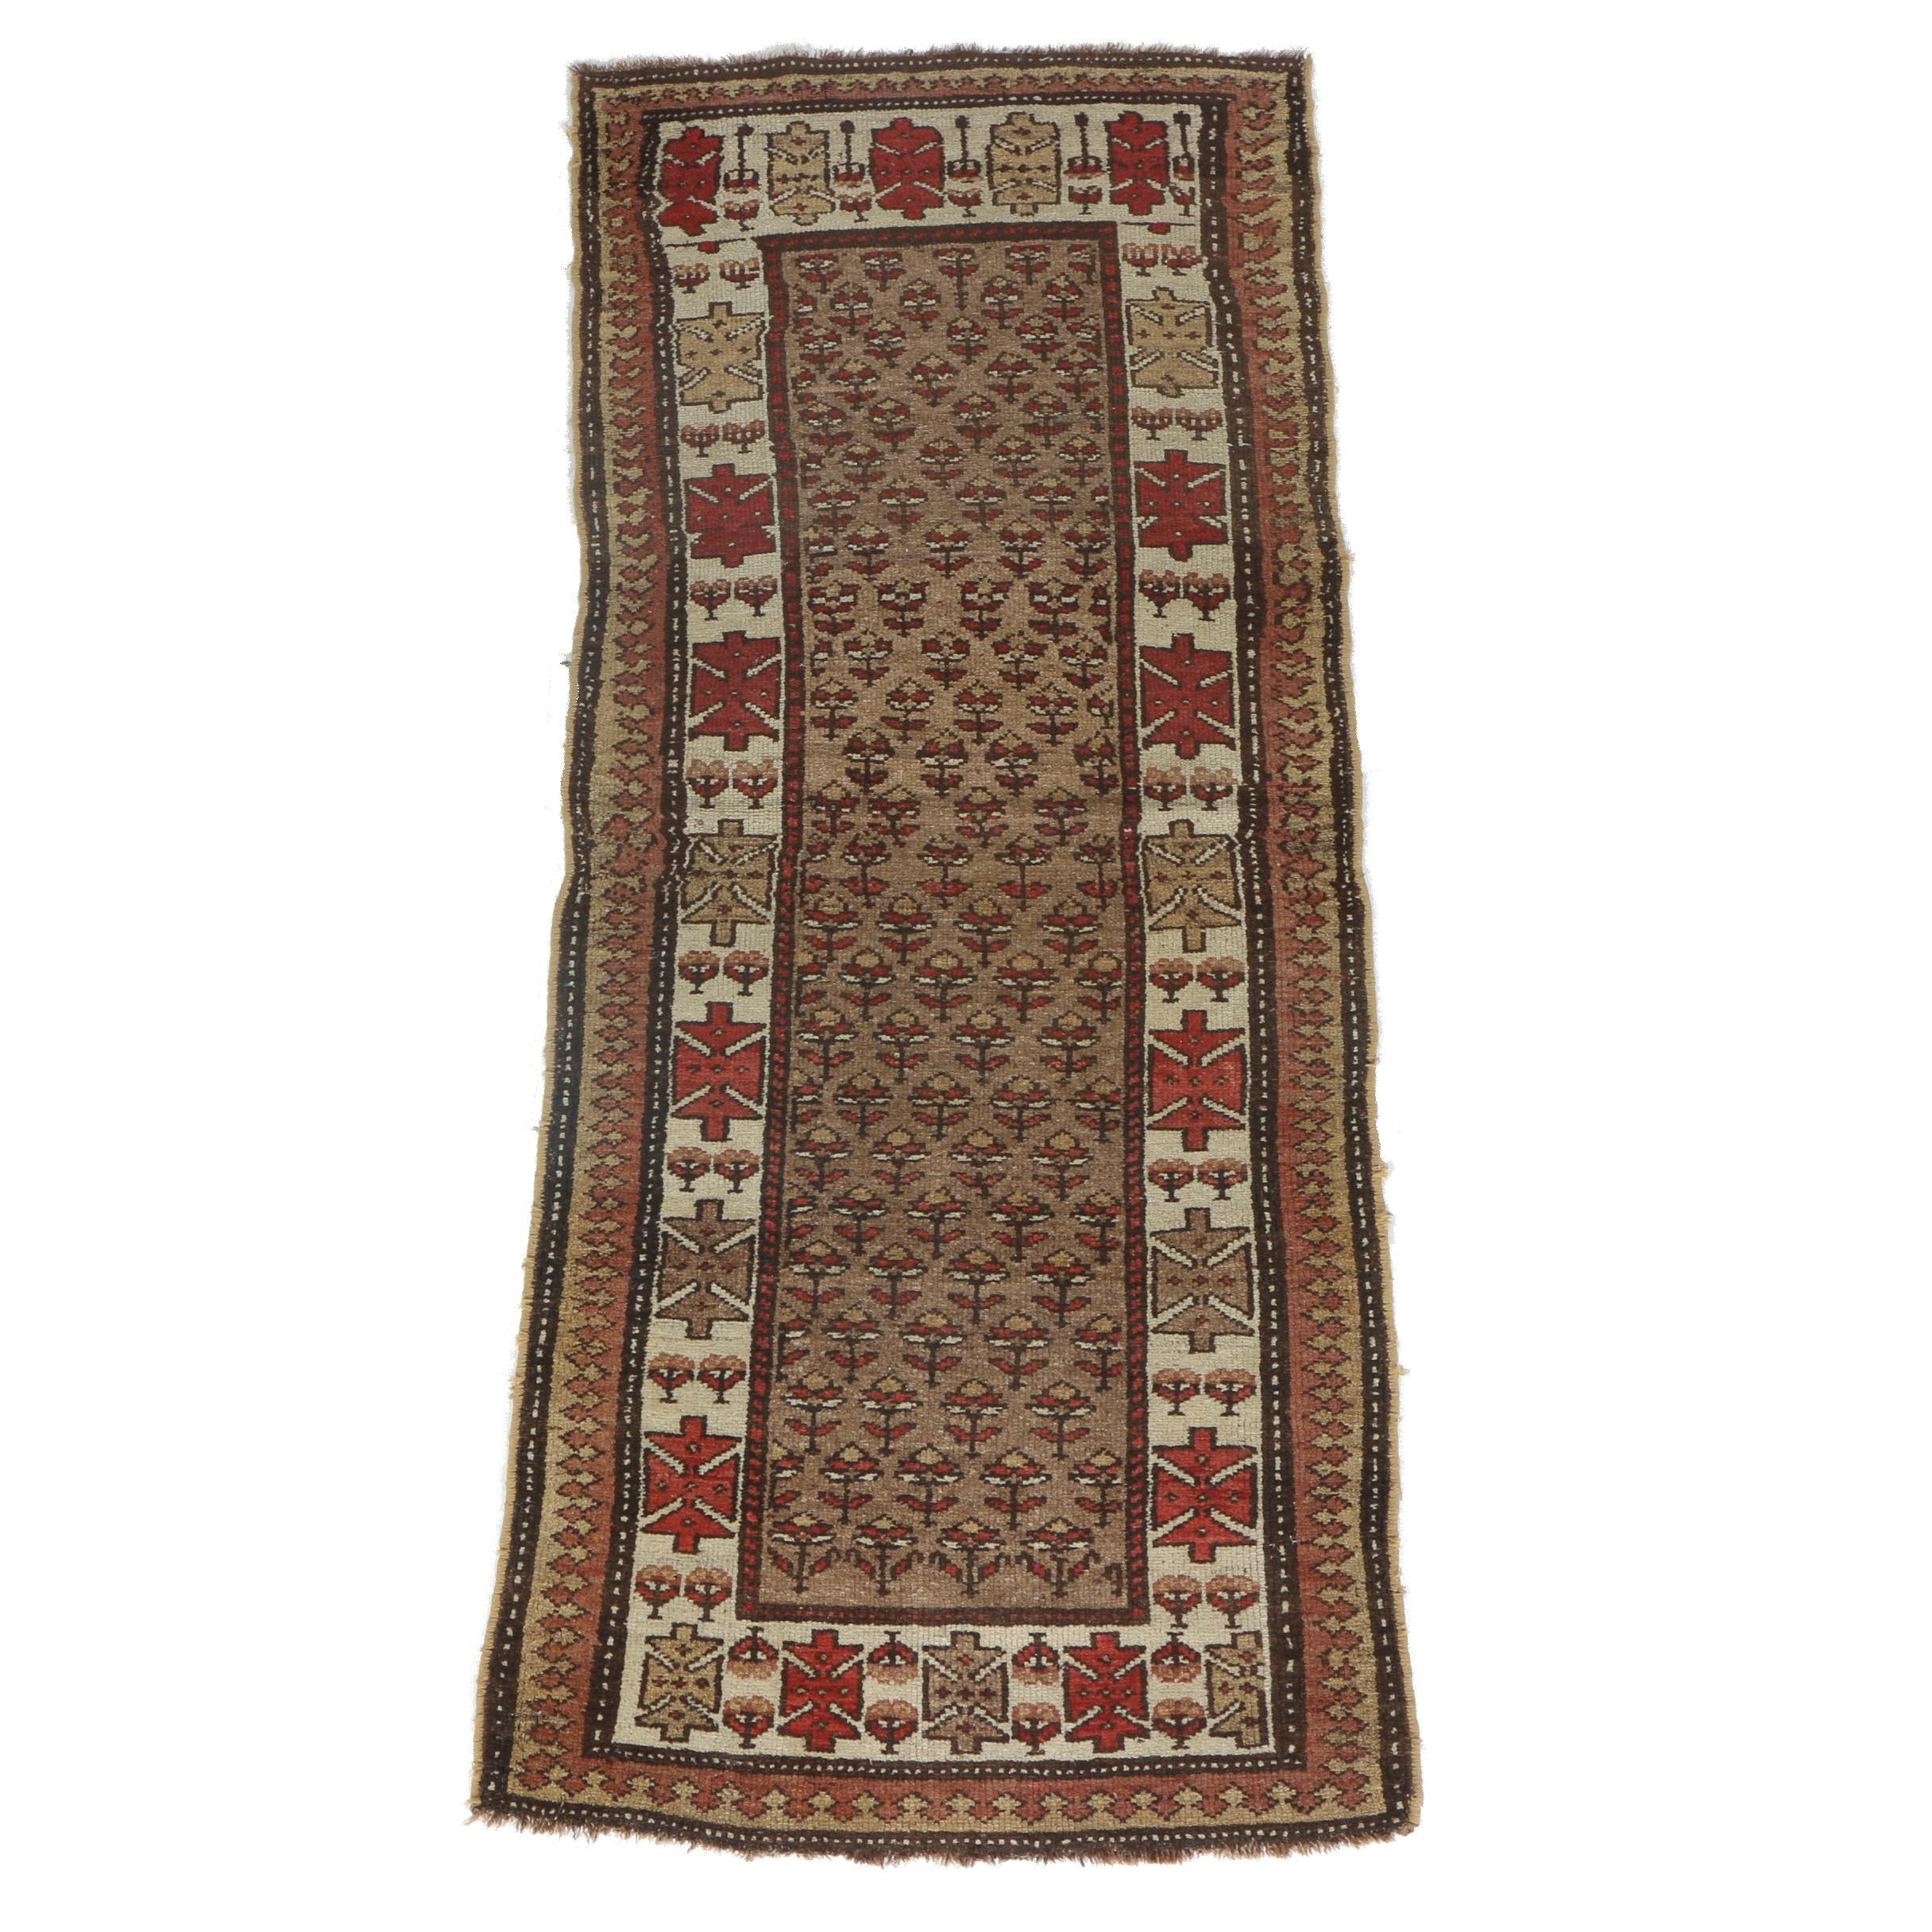 Semi-Antique Kurdish Carpet Runner